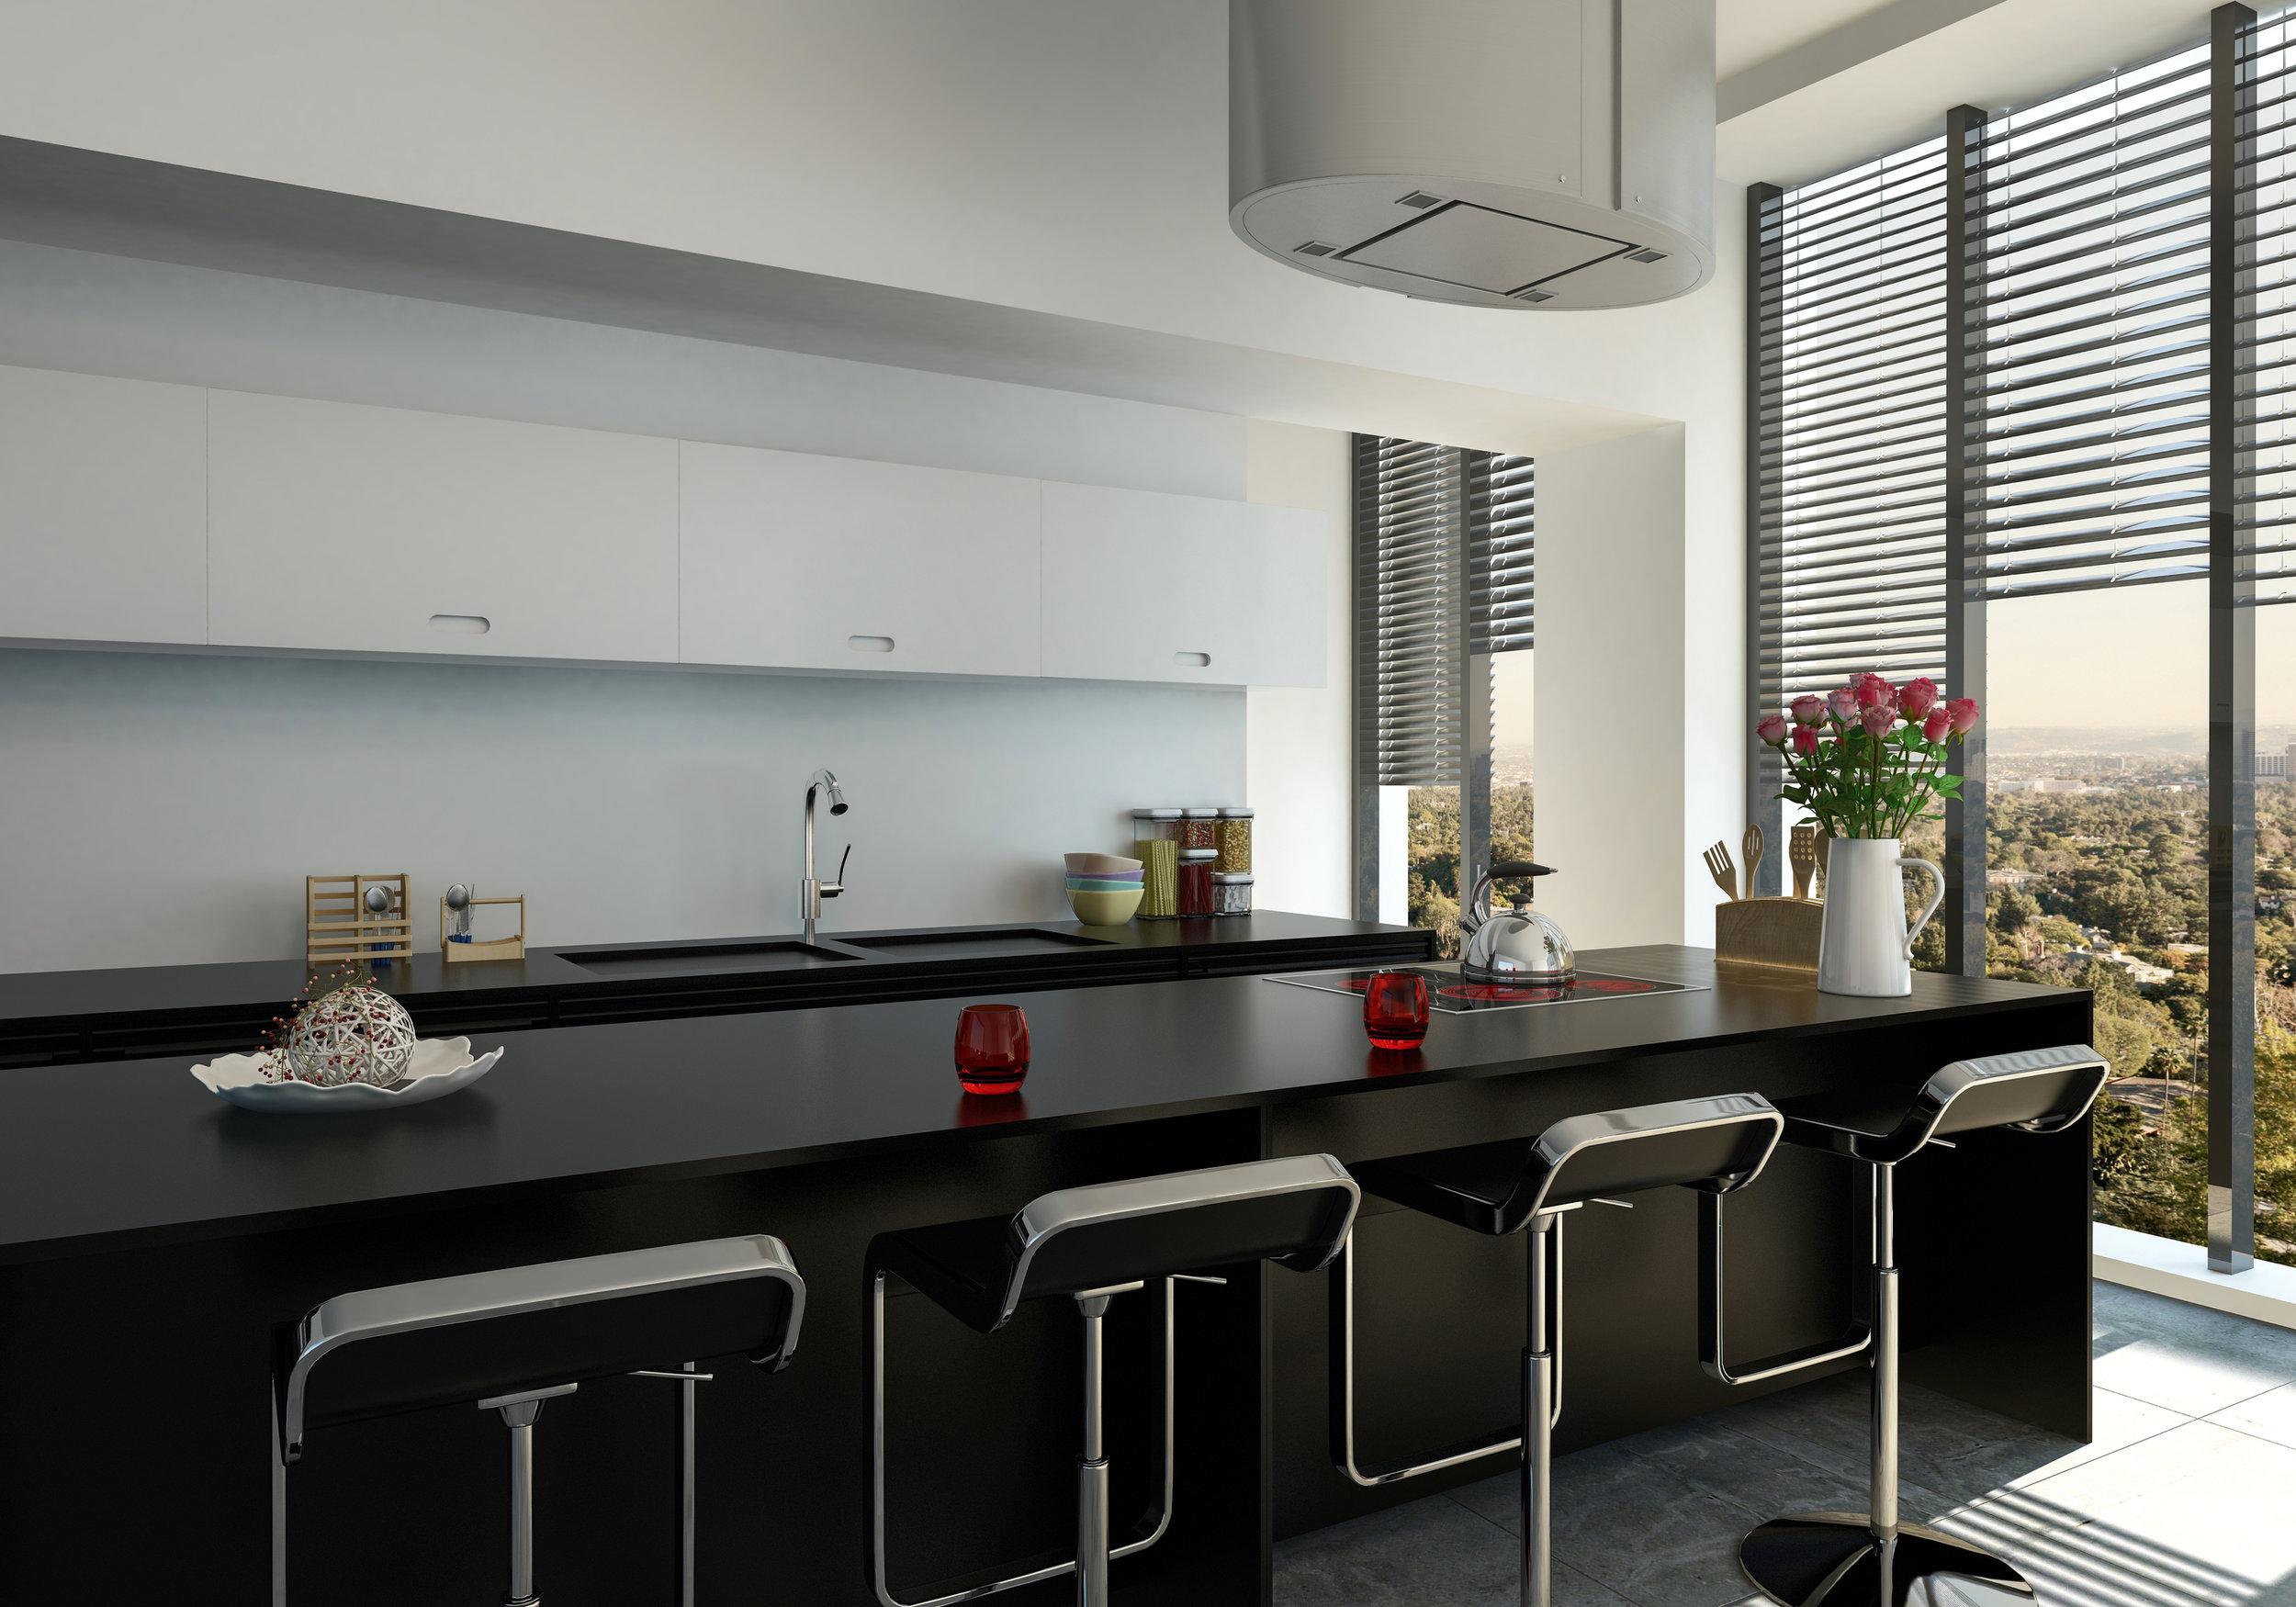 Stylish modern black bar counter in a kitchen